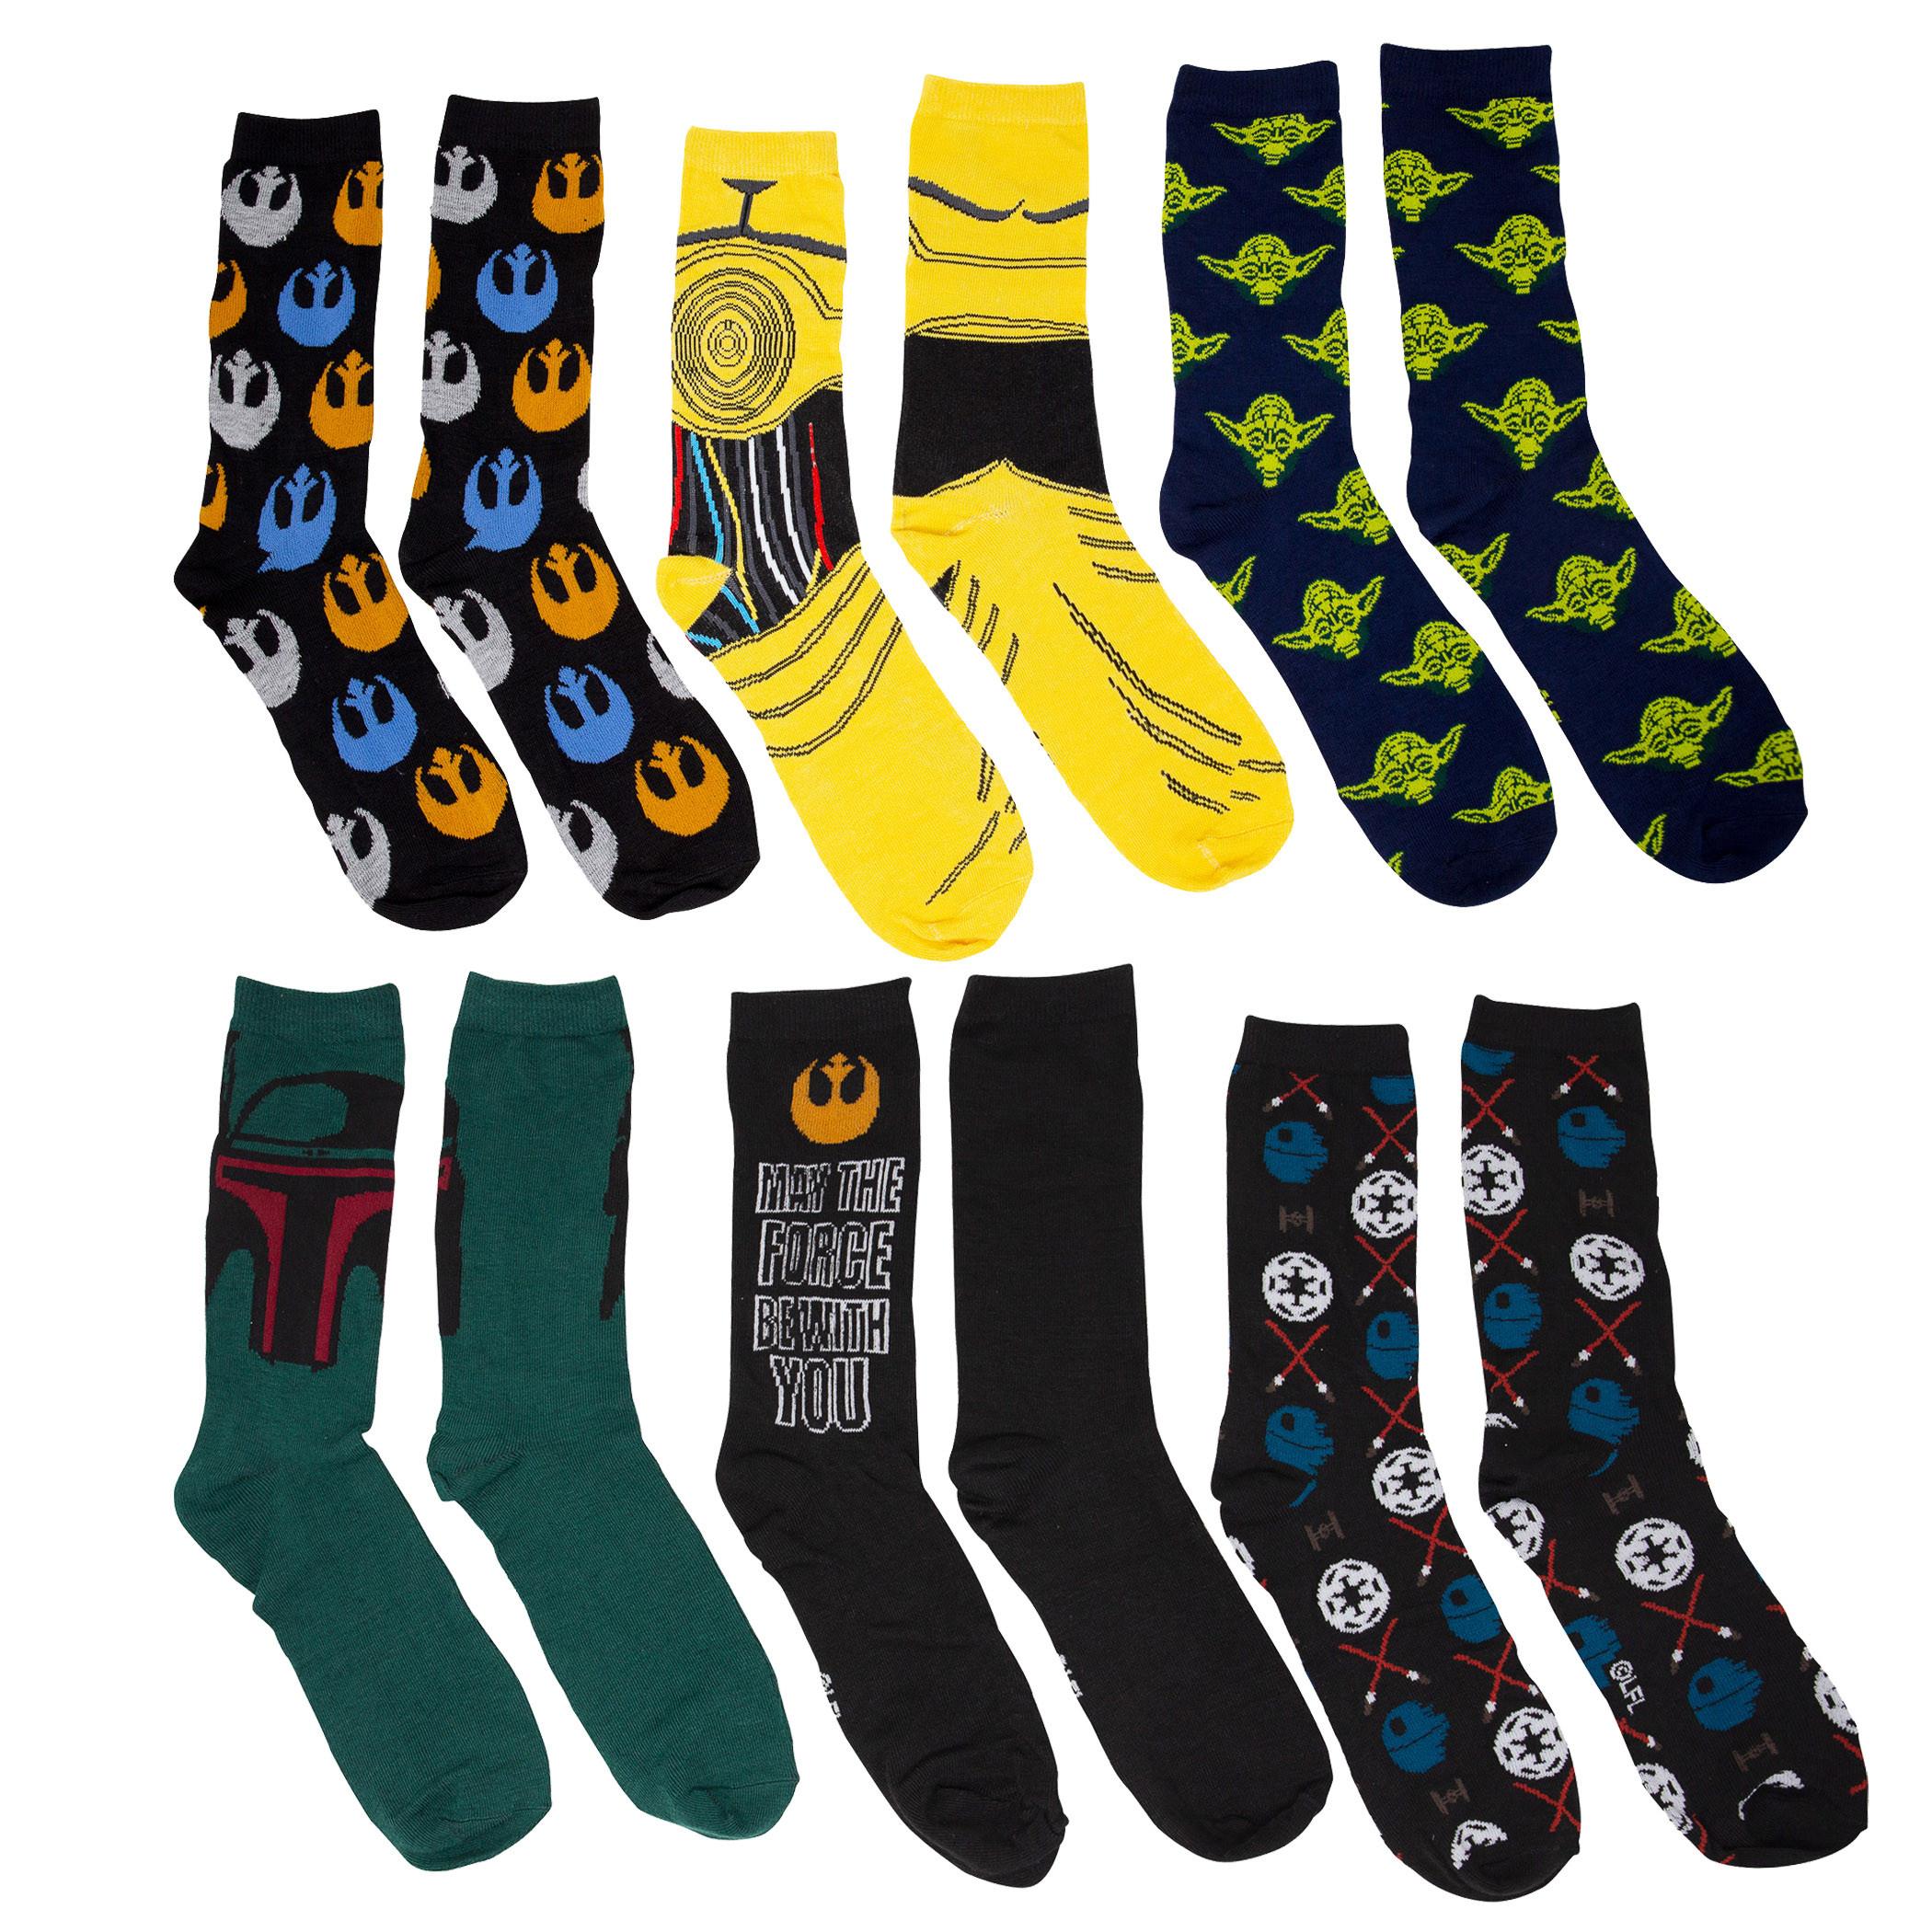 Star Wars Socks 12-Pack Gift Giving Box